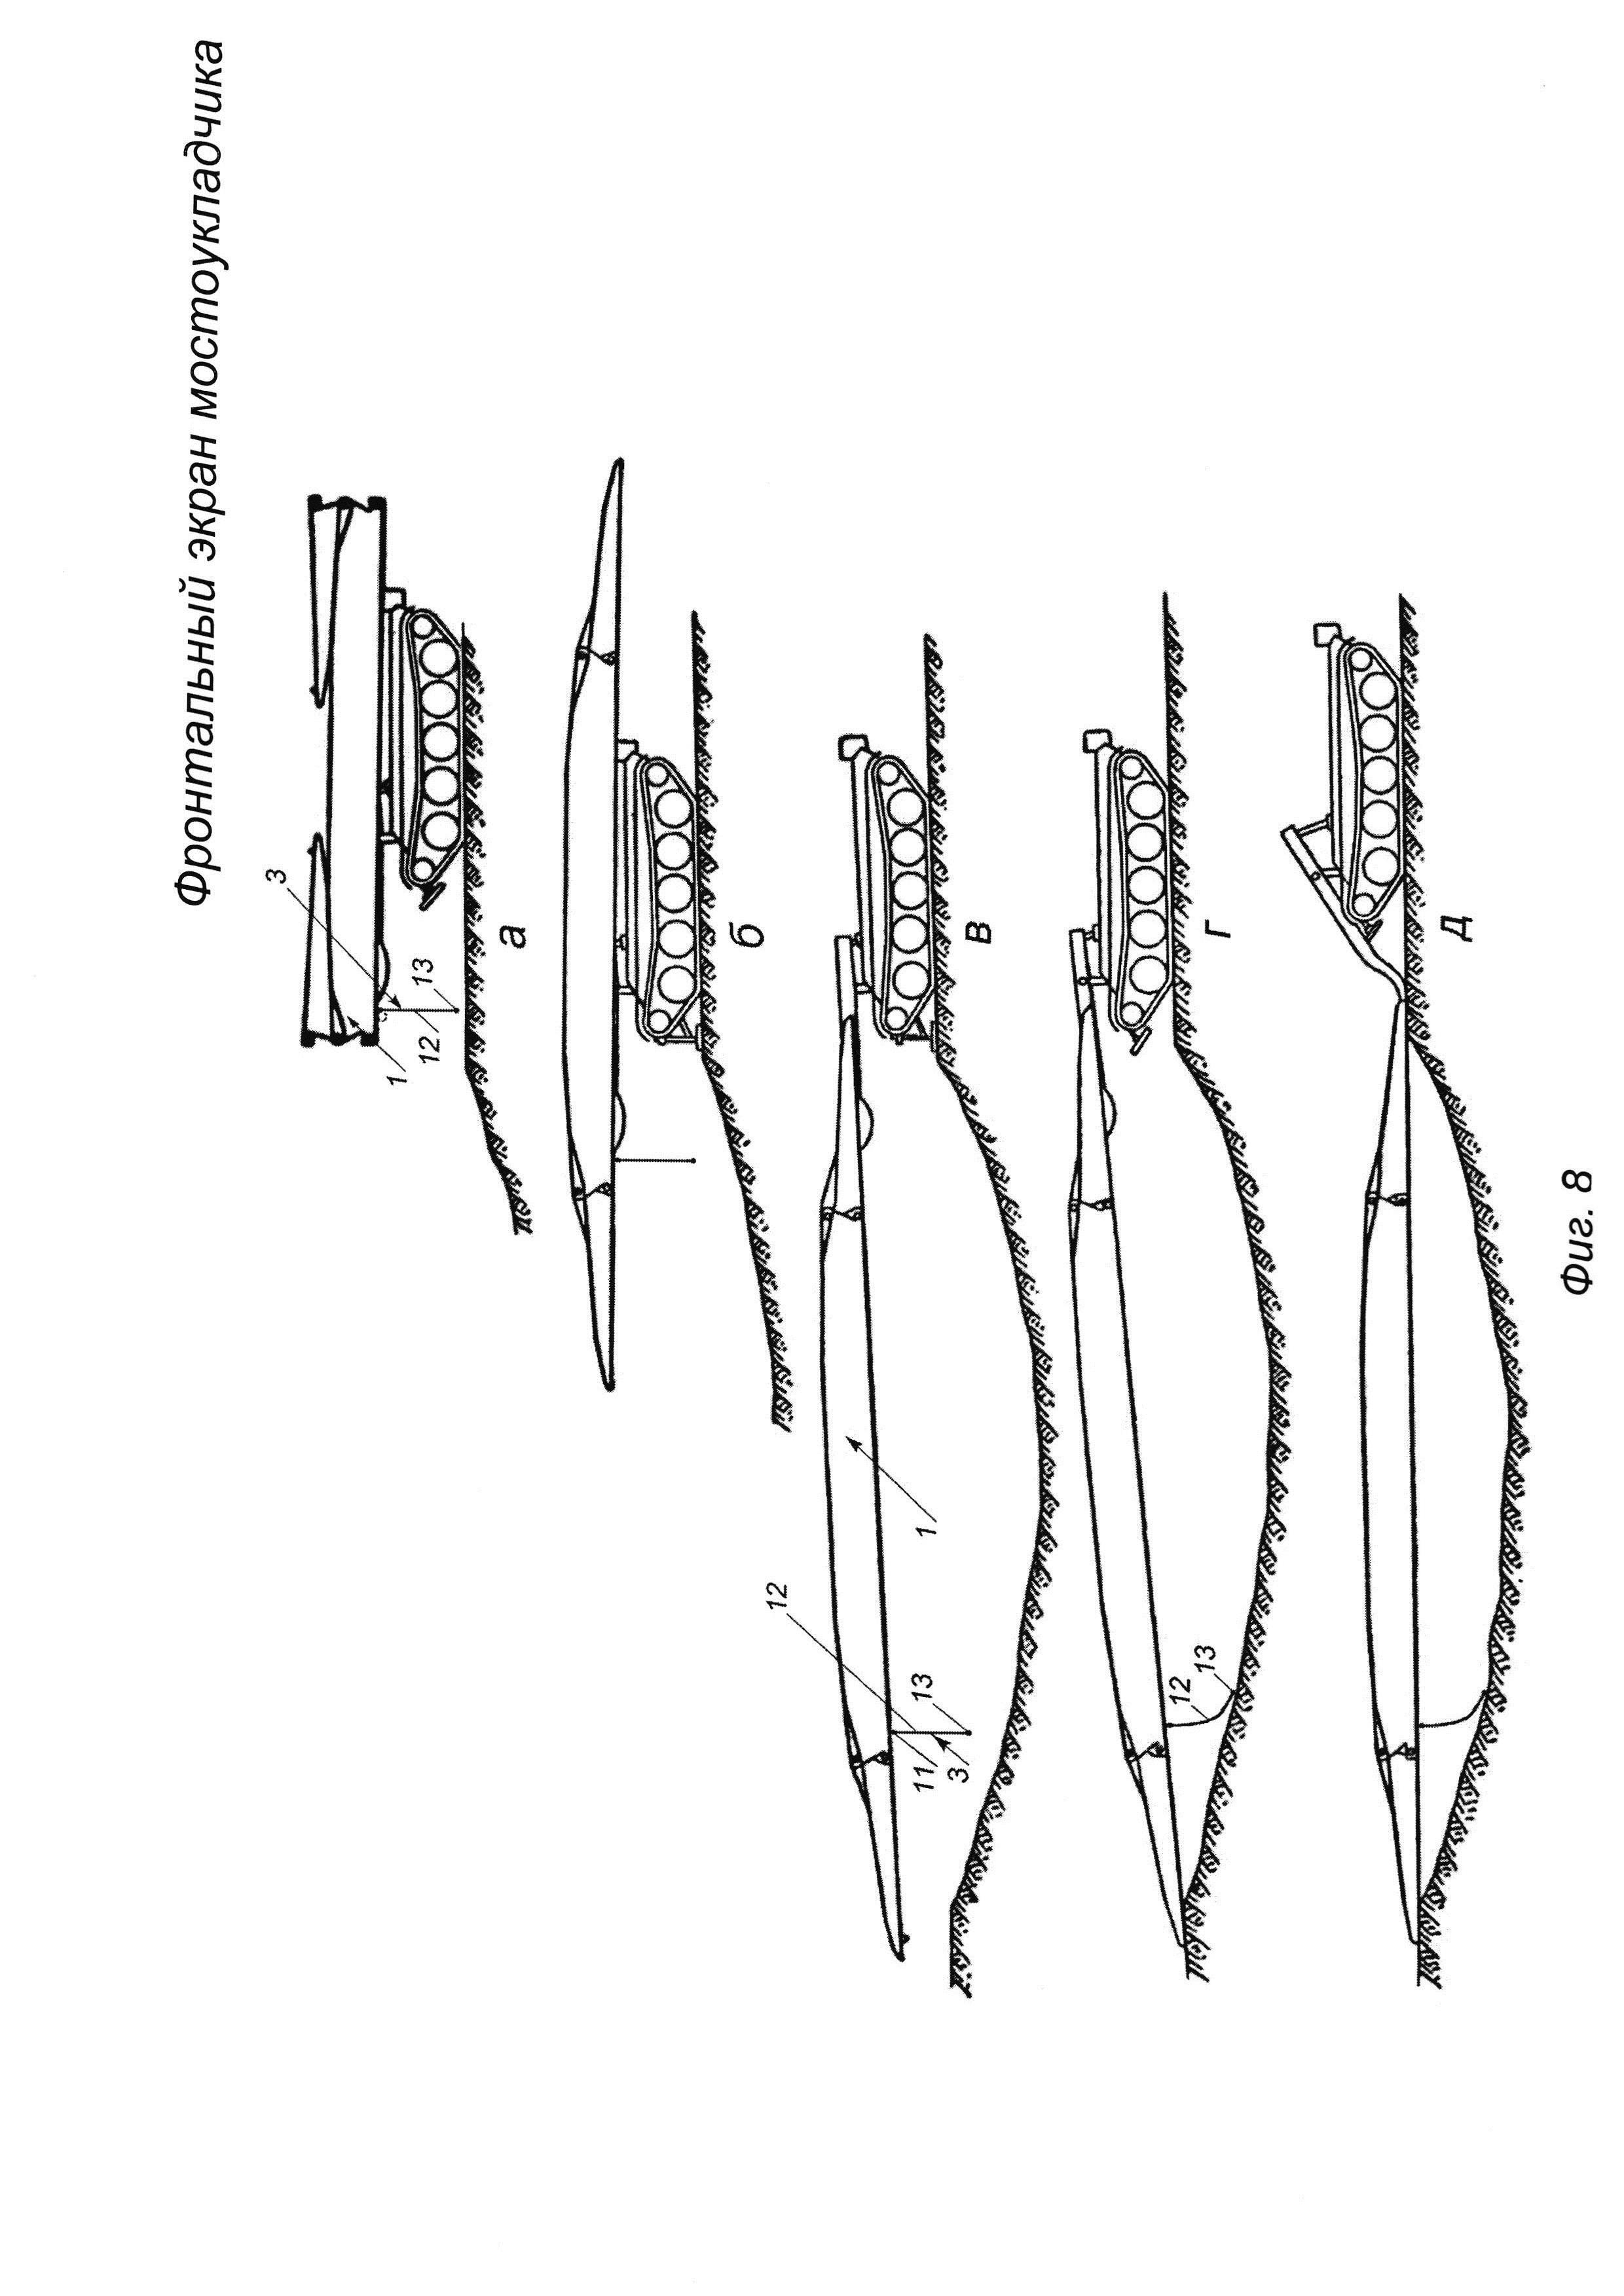 Фронтальный экран мостоукладчика